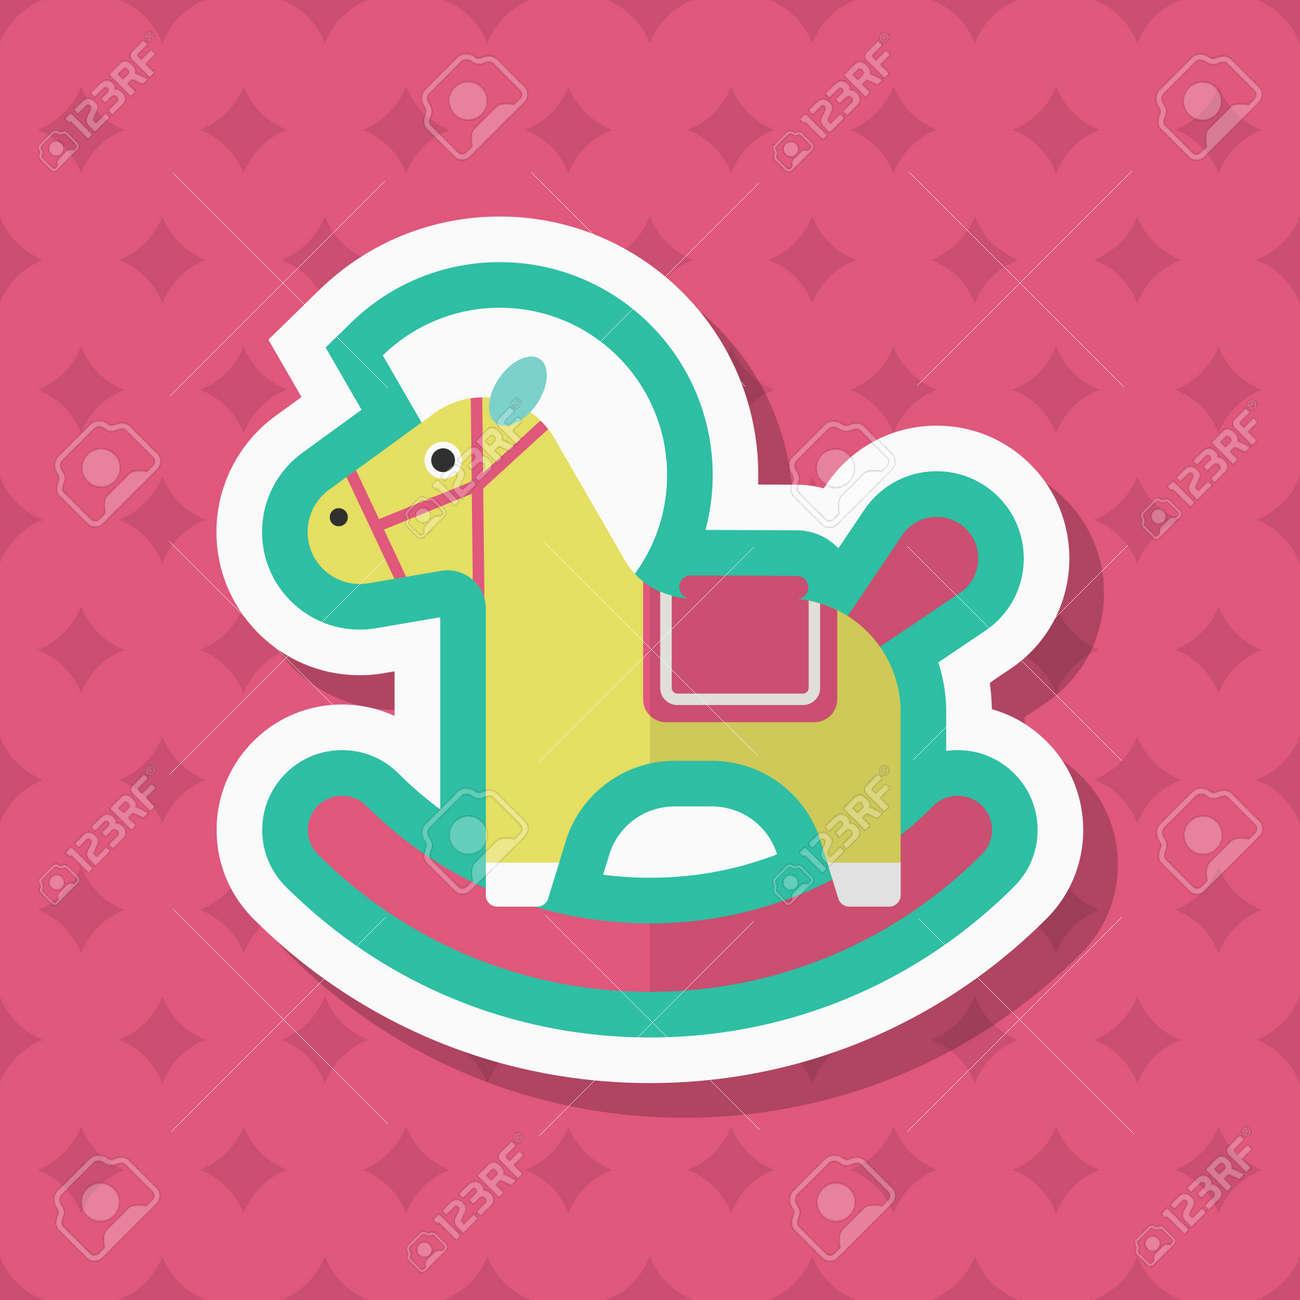 Cavallo A Dondolo Design.Icona Di Cavallo A Dondolo Design Piatto Lunga Ombra Di Vettore Concetto Di Giocattoli Per Bambini